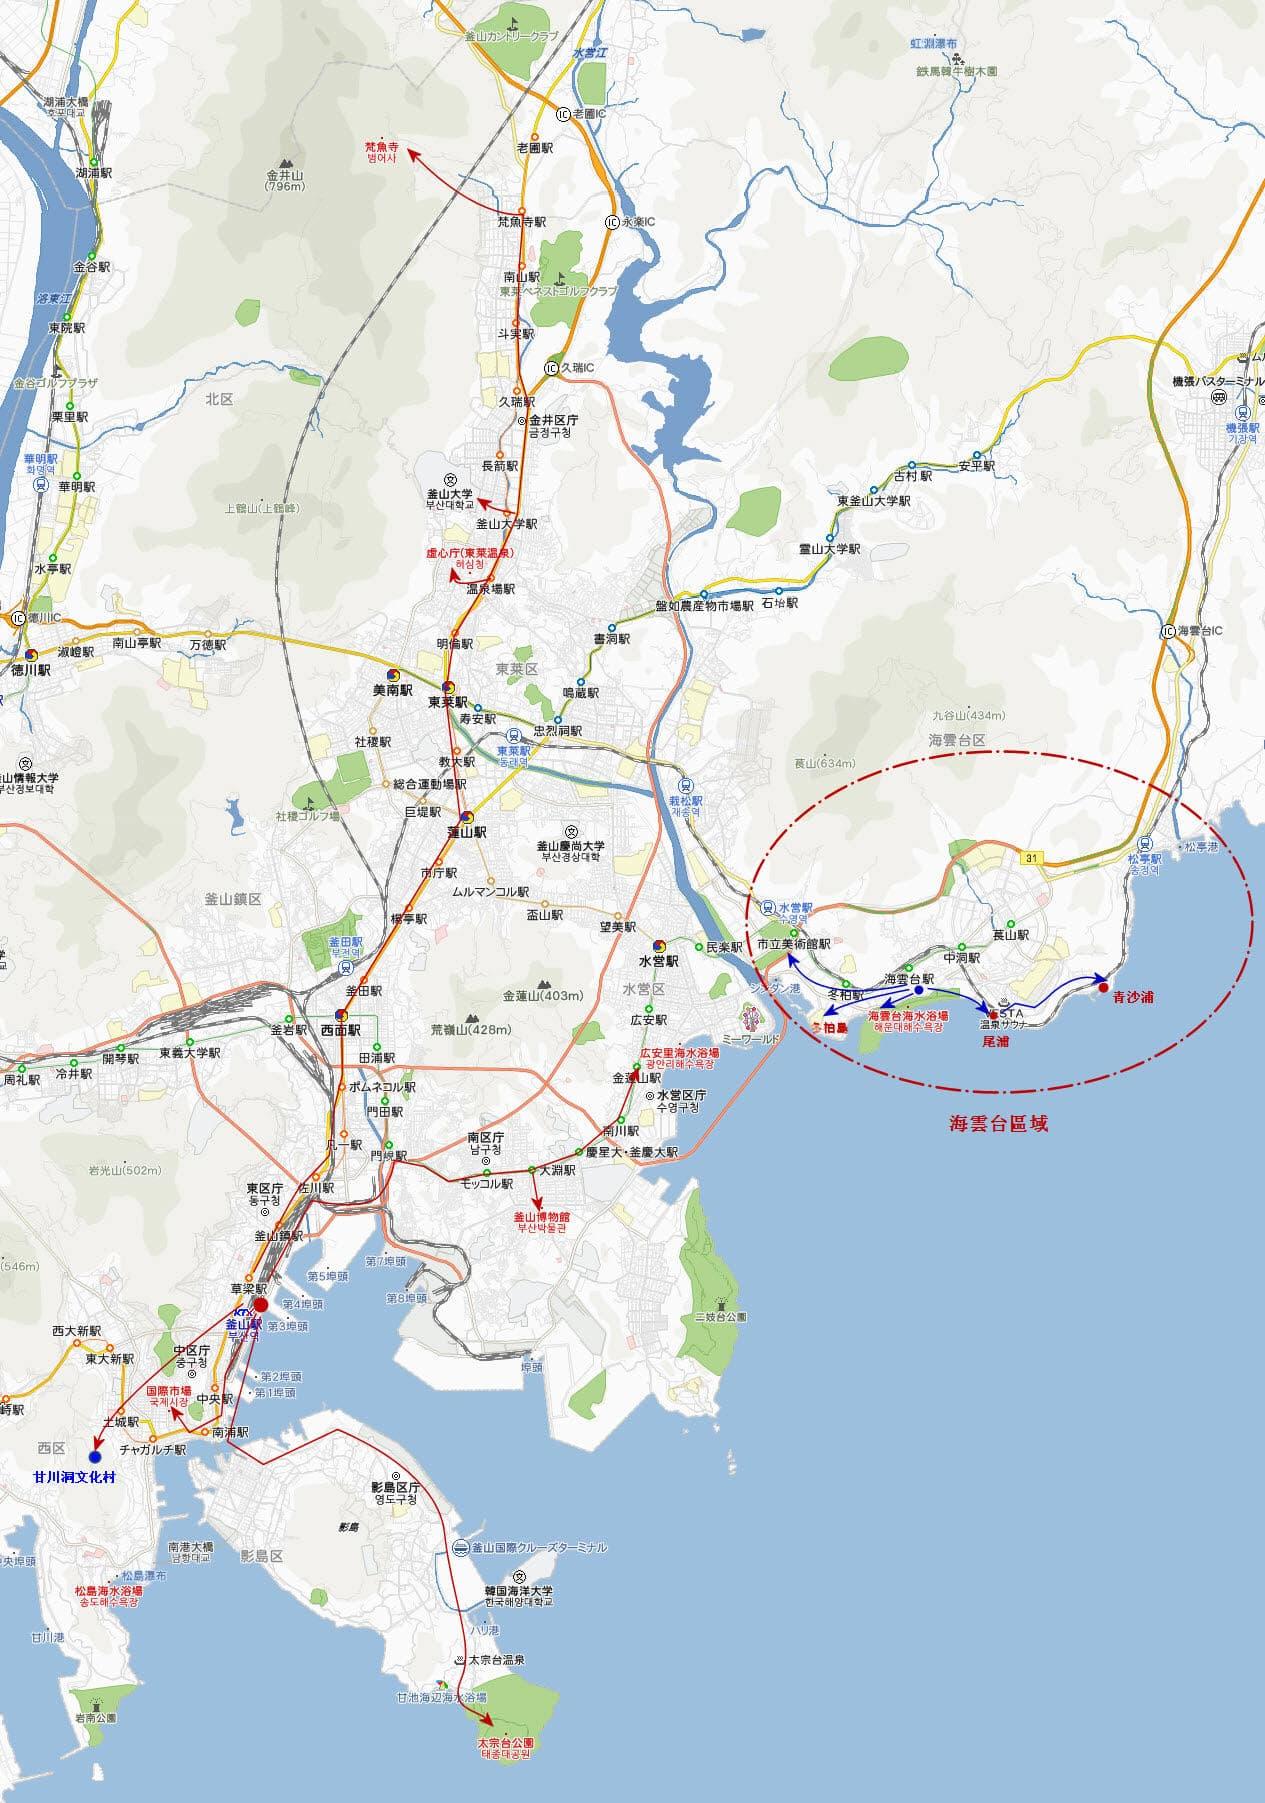 釜山旅遊行程安排